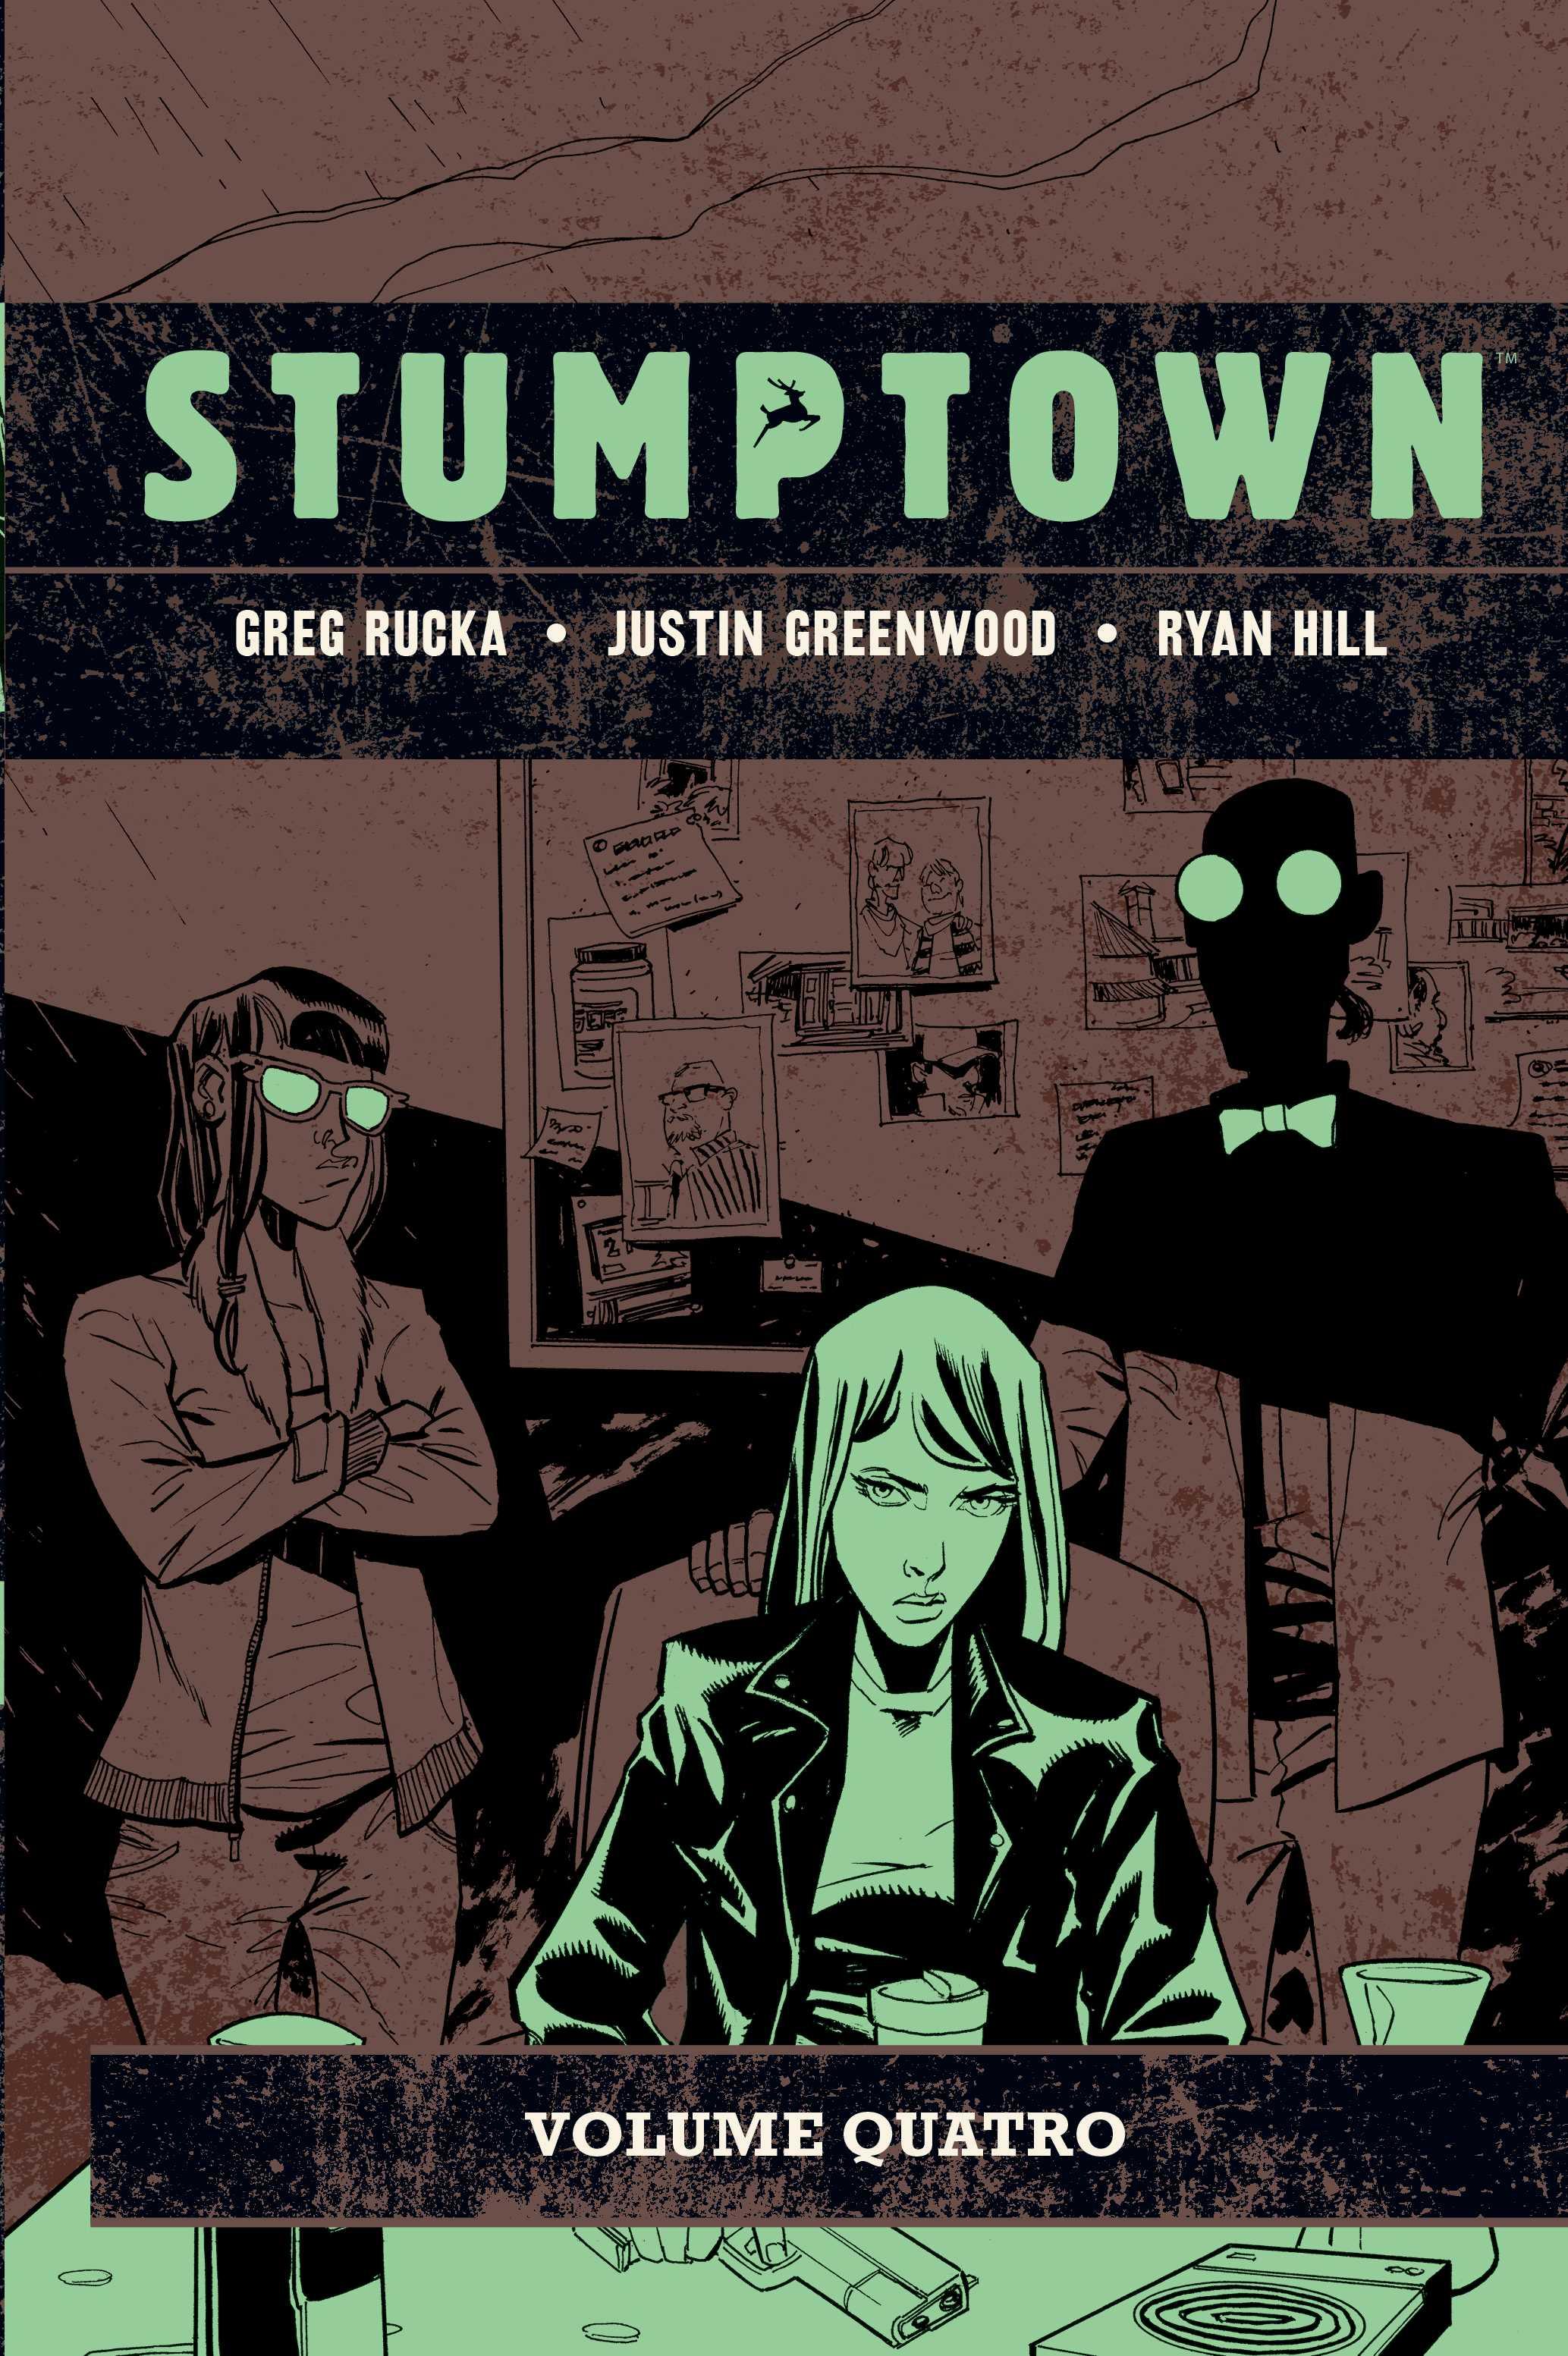 STUMPTOWN Vol. QUATRO: O Caso da Chávena de Café